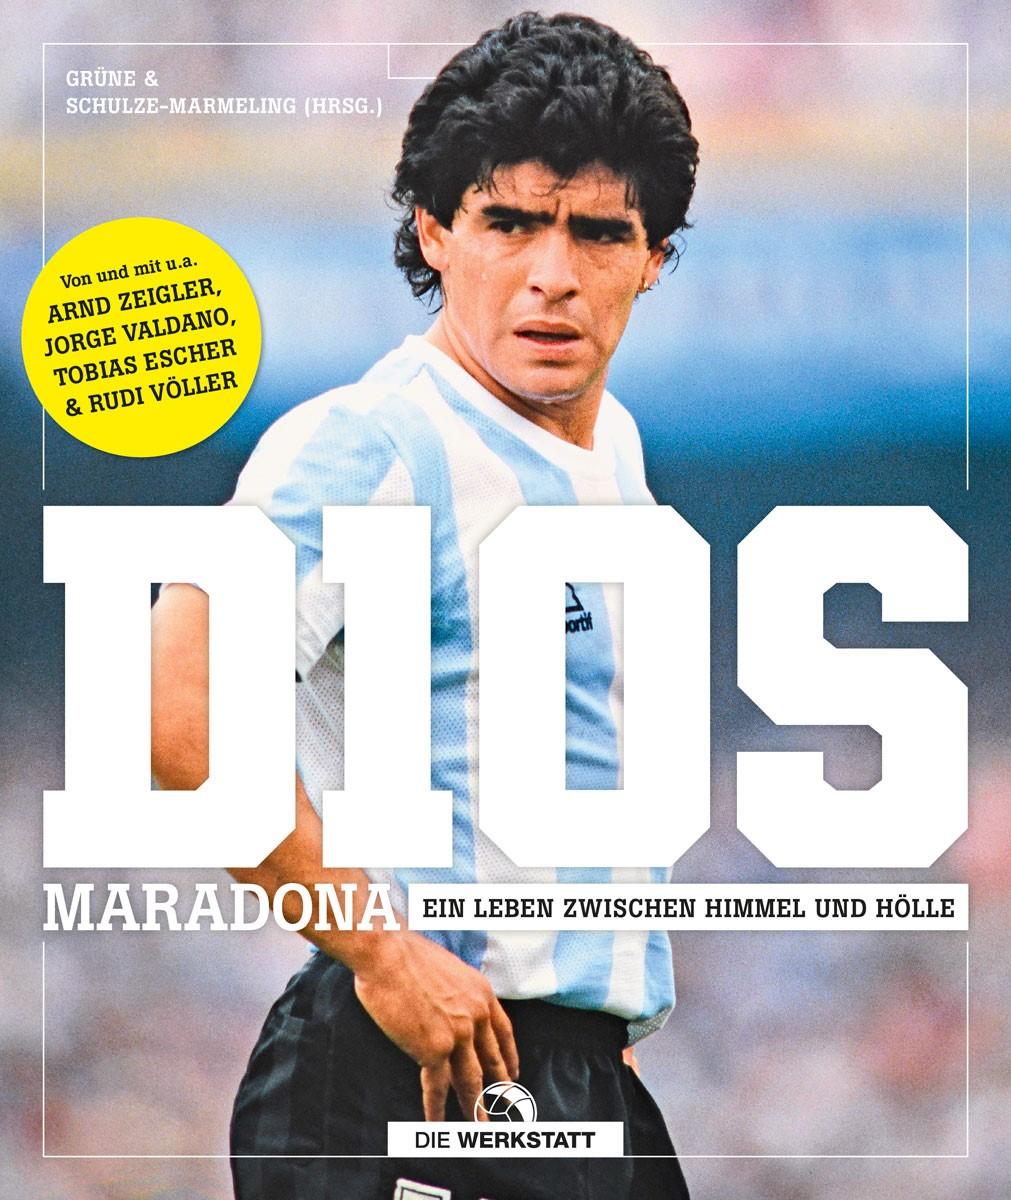 Buchrezension: D10S – Maradona – Ein Leben zwischen Himmel und Hölle